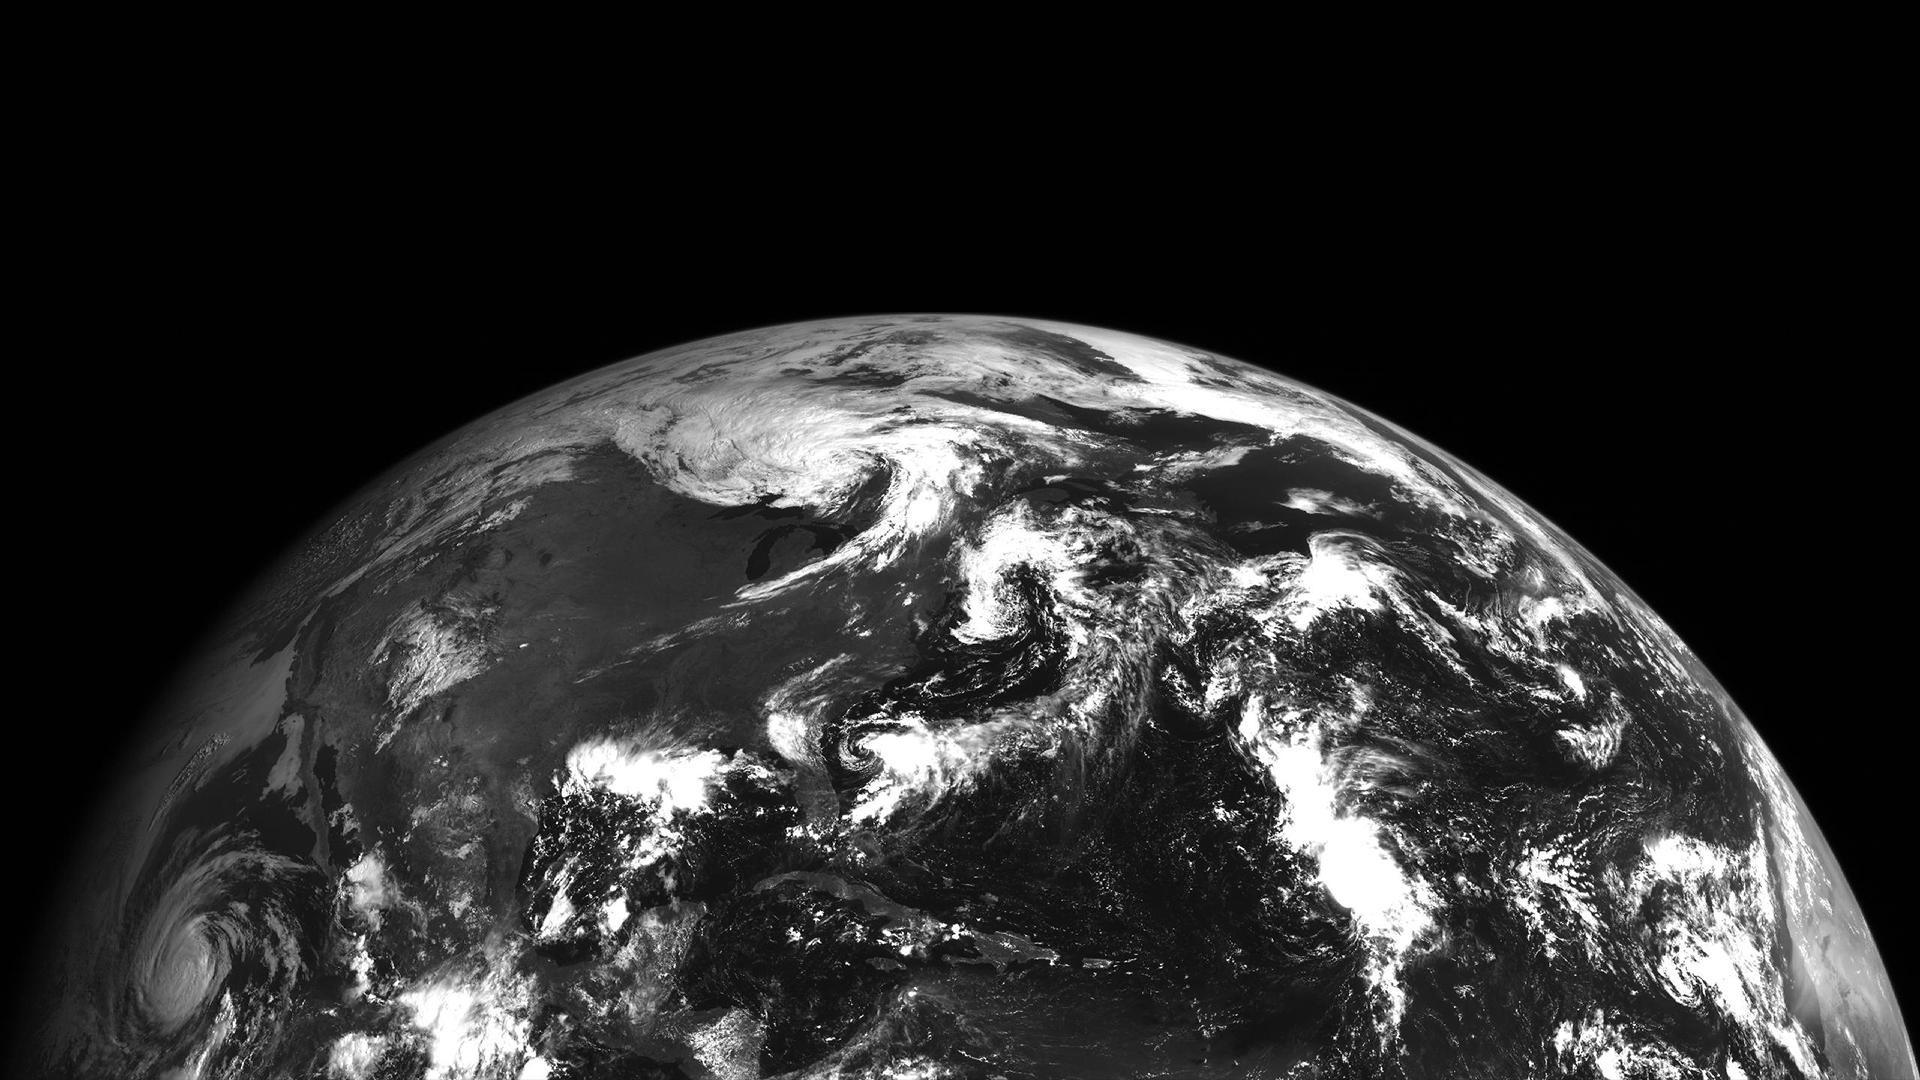 встречаются картинка земли черно-белое золотые времена массового